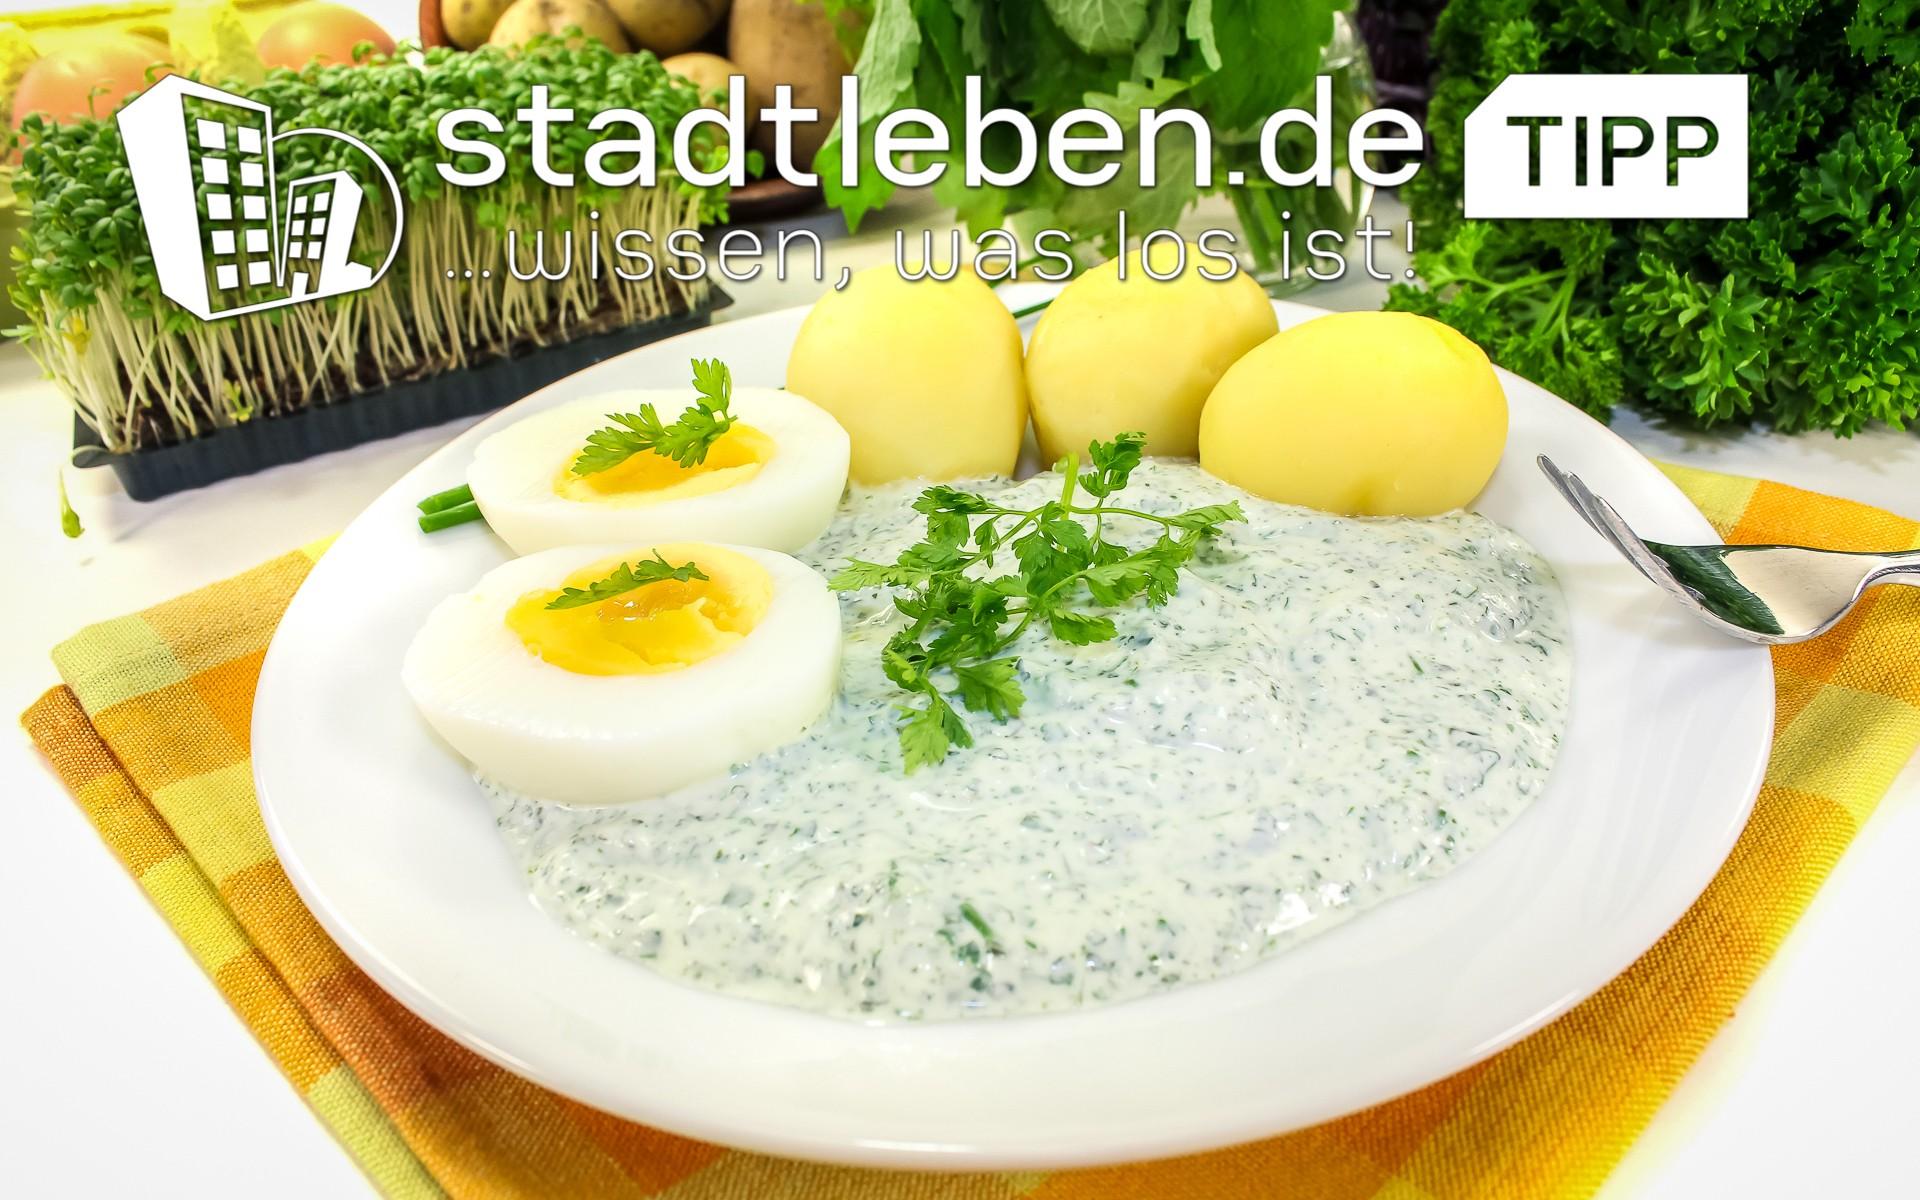 Frankfurter Grüne Sosse mit Kartoffeln und Eiern